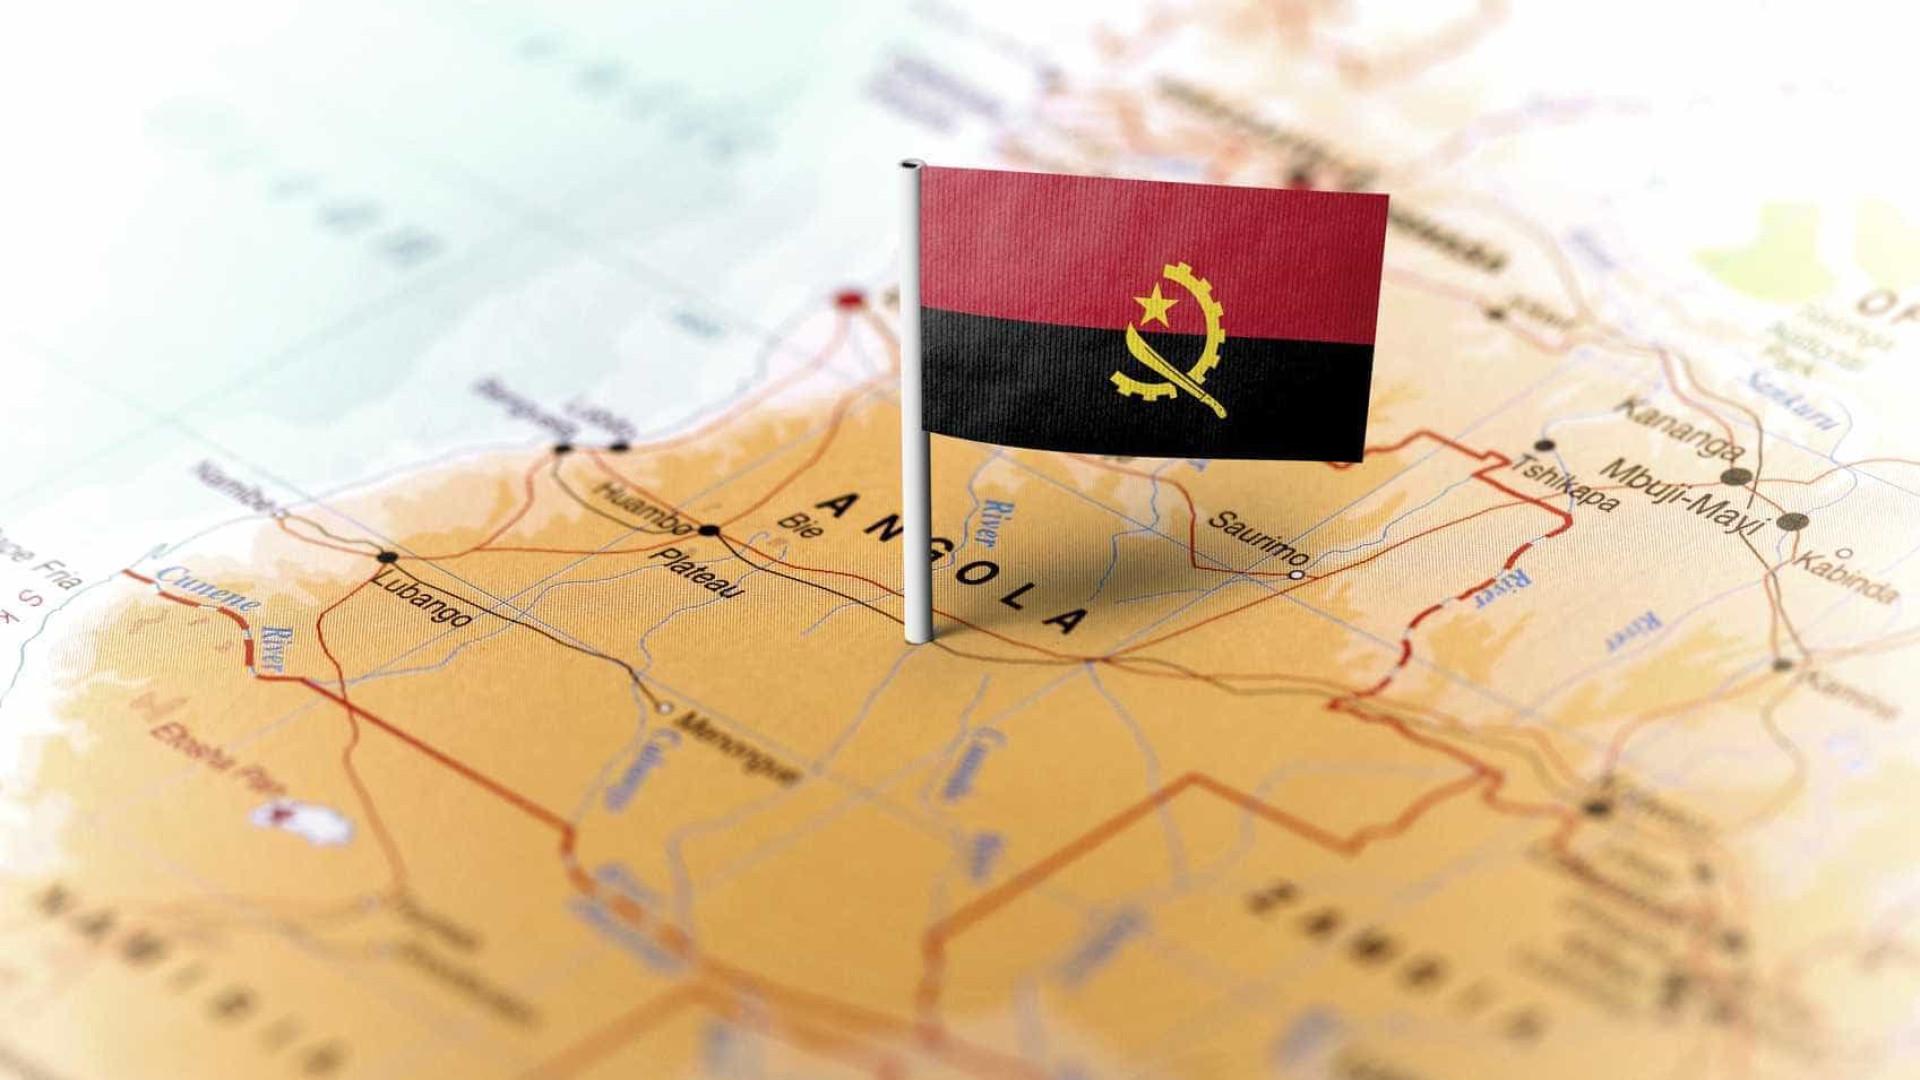 Banco chinês financia construção de barragem em Angola